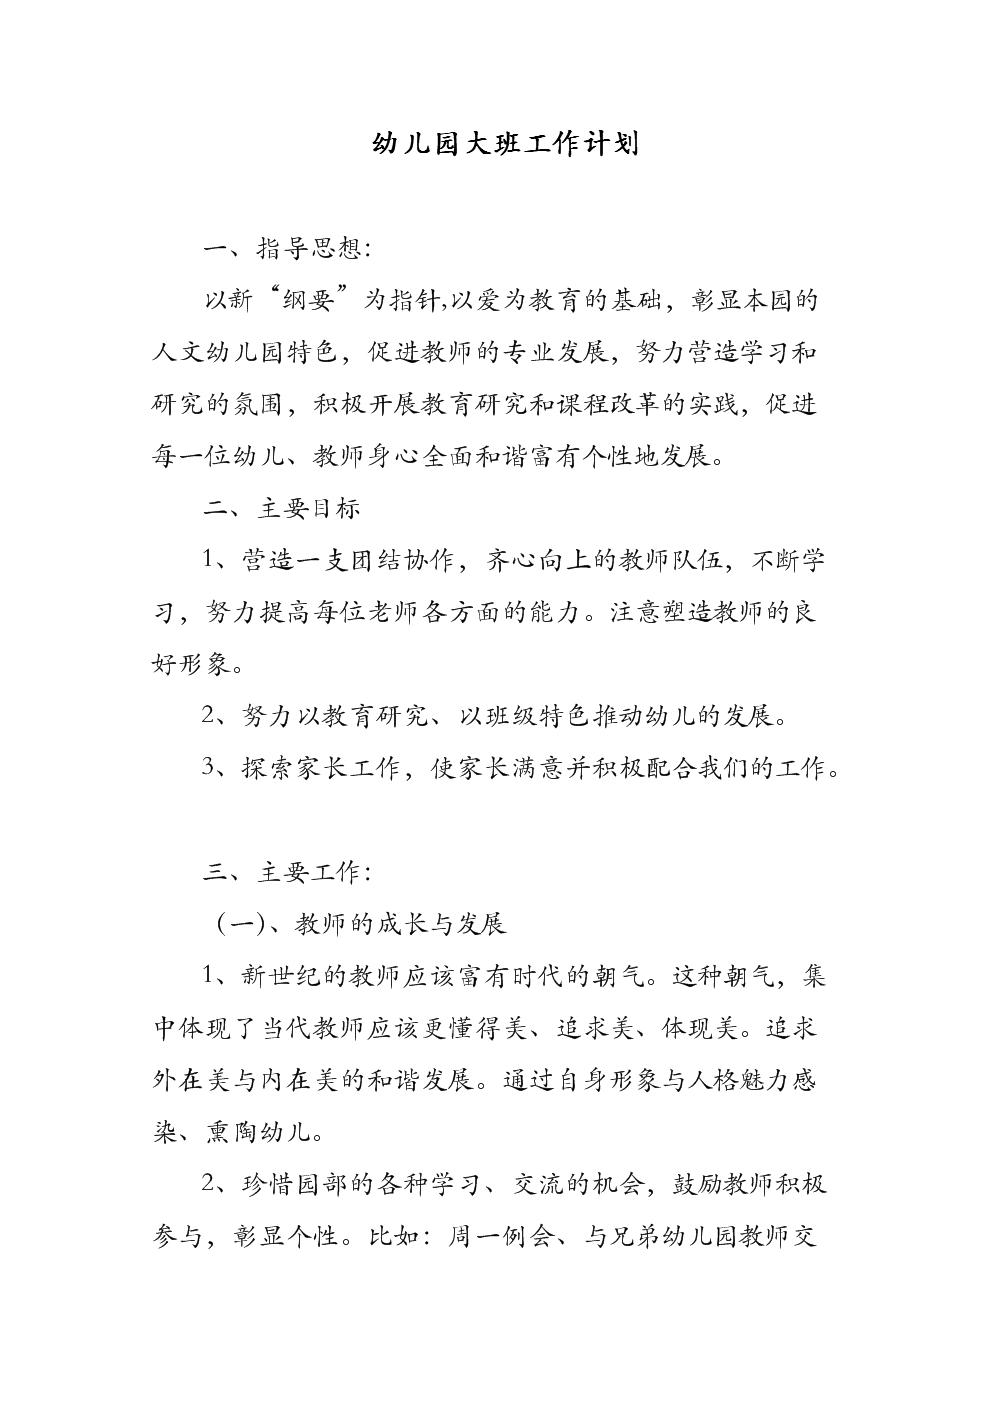 幼儿园大班的工作计划.doc